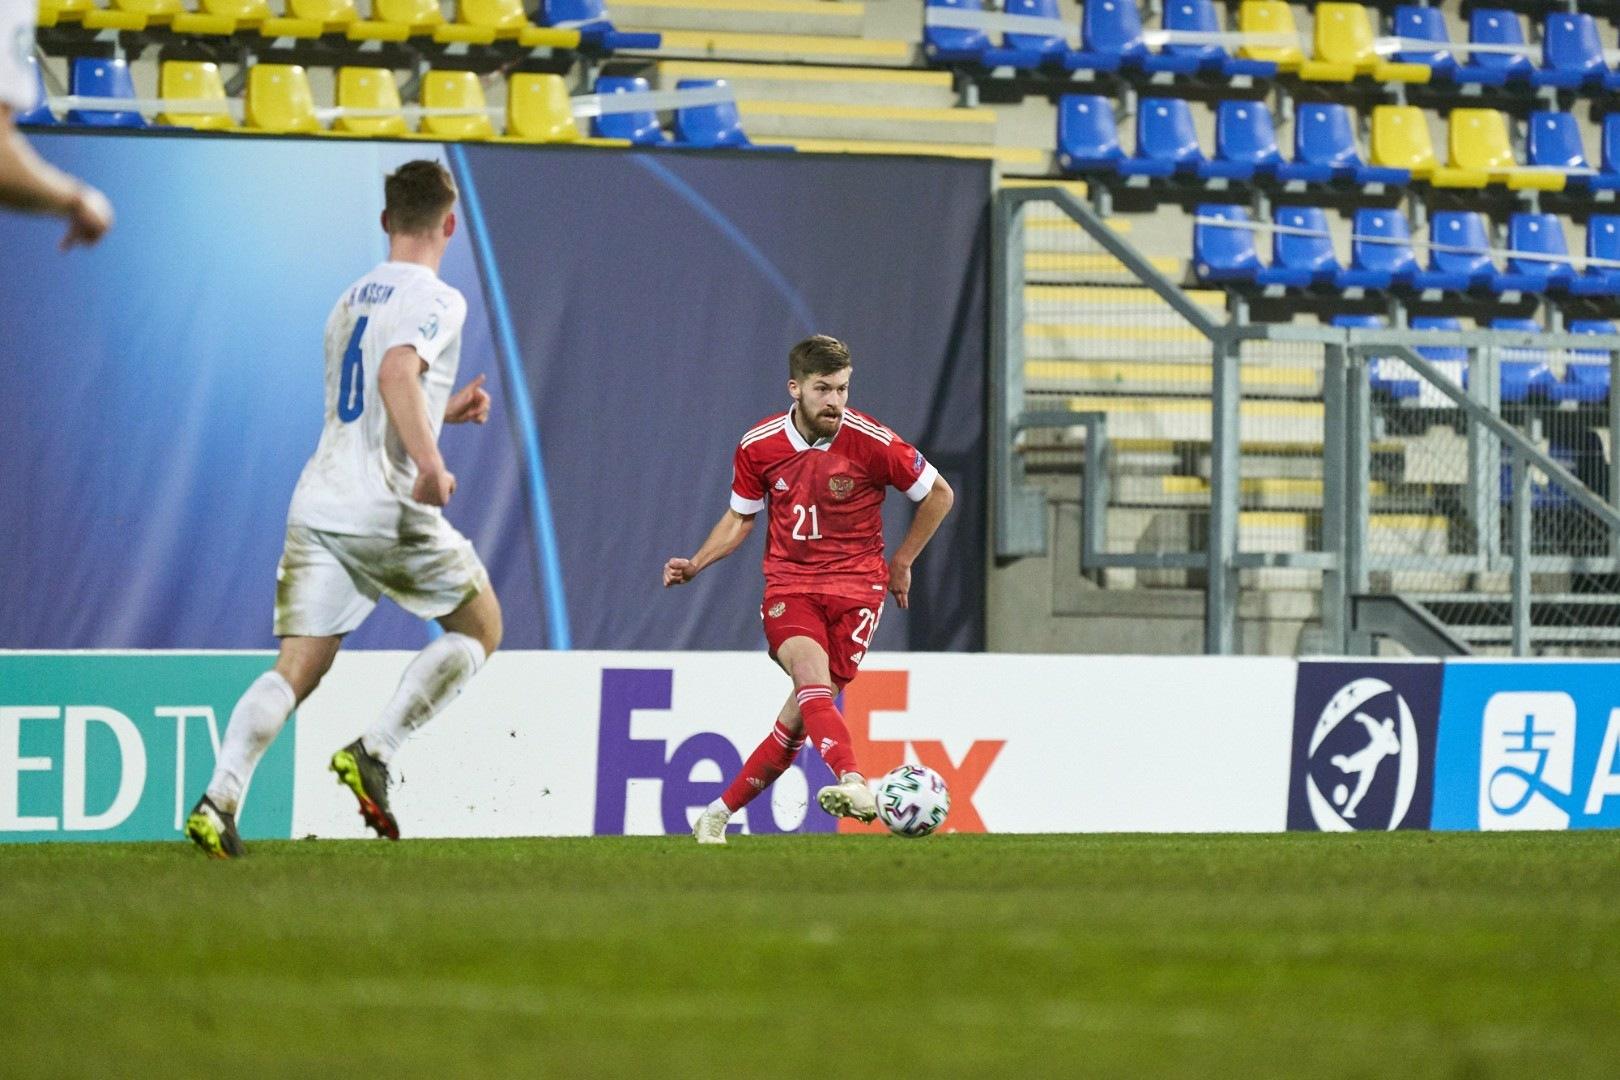 «Молодежка» раскрыла козыри перед матчем с Францией - фото